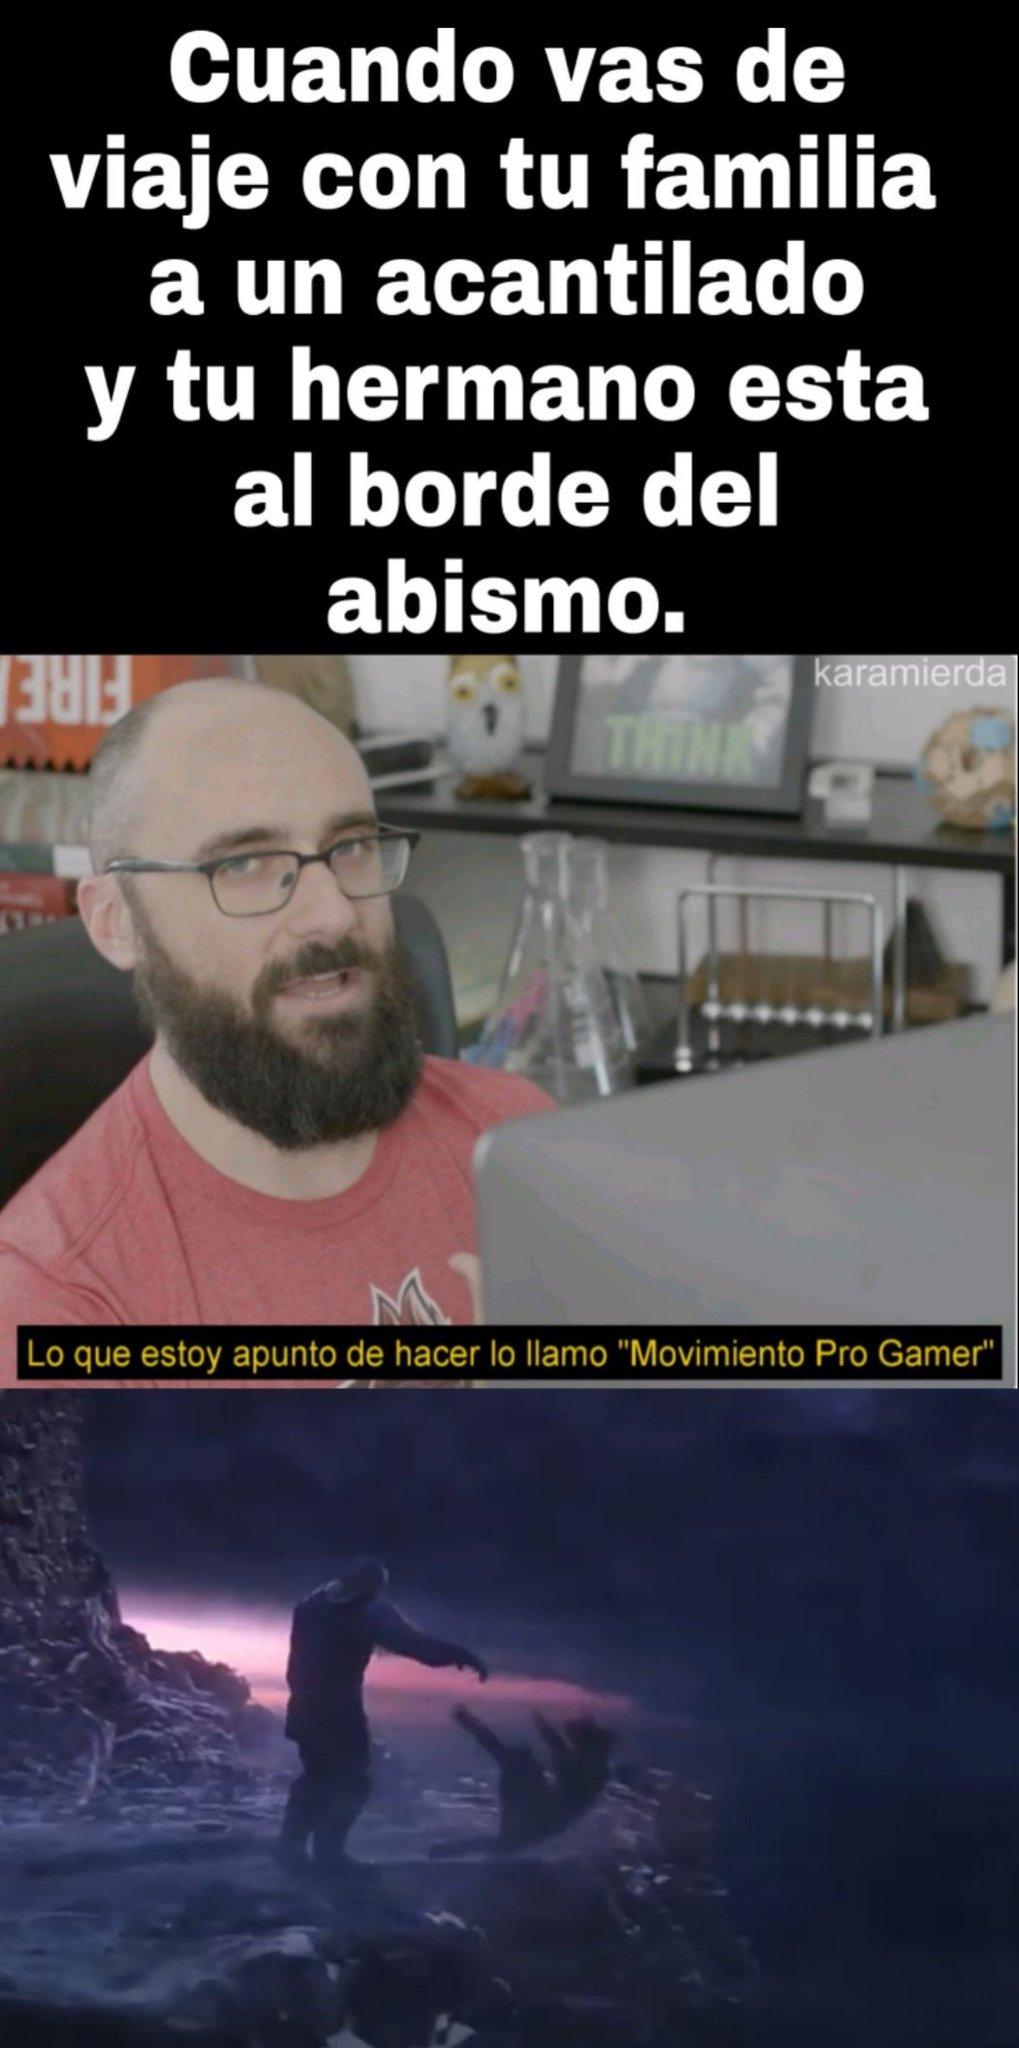 As subido de nivel - meme